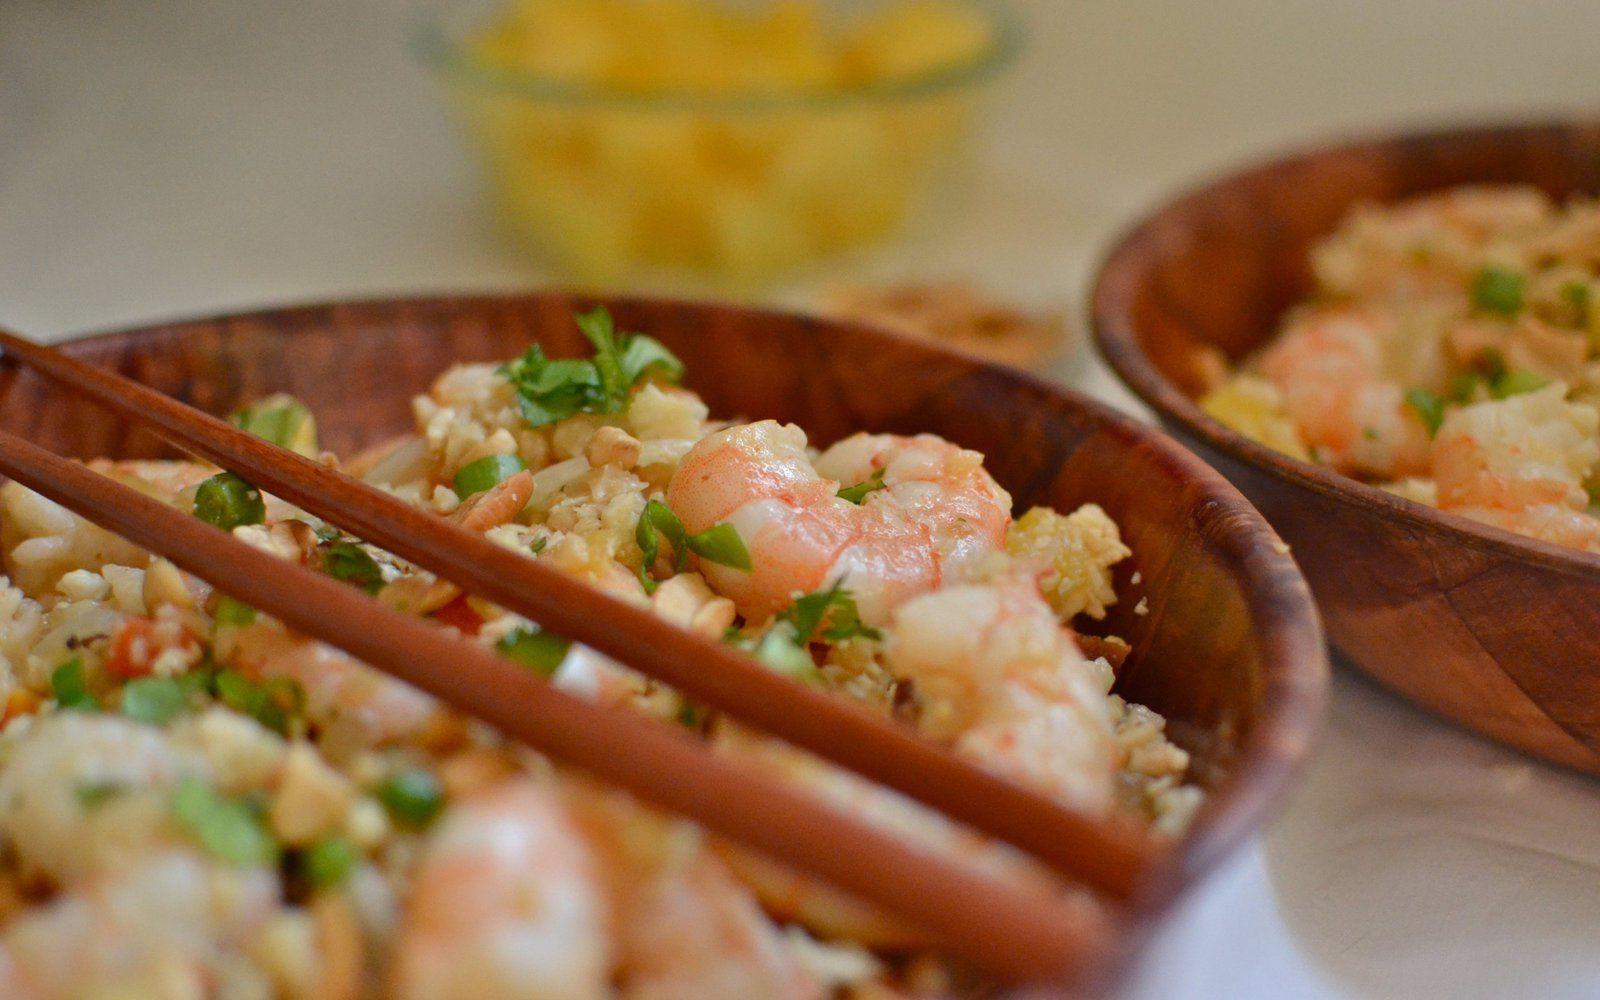 Bon appétit - Crevettes - Nourriture - Wallpaper - Free